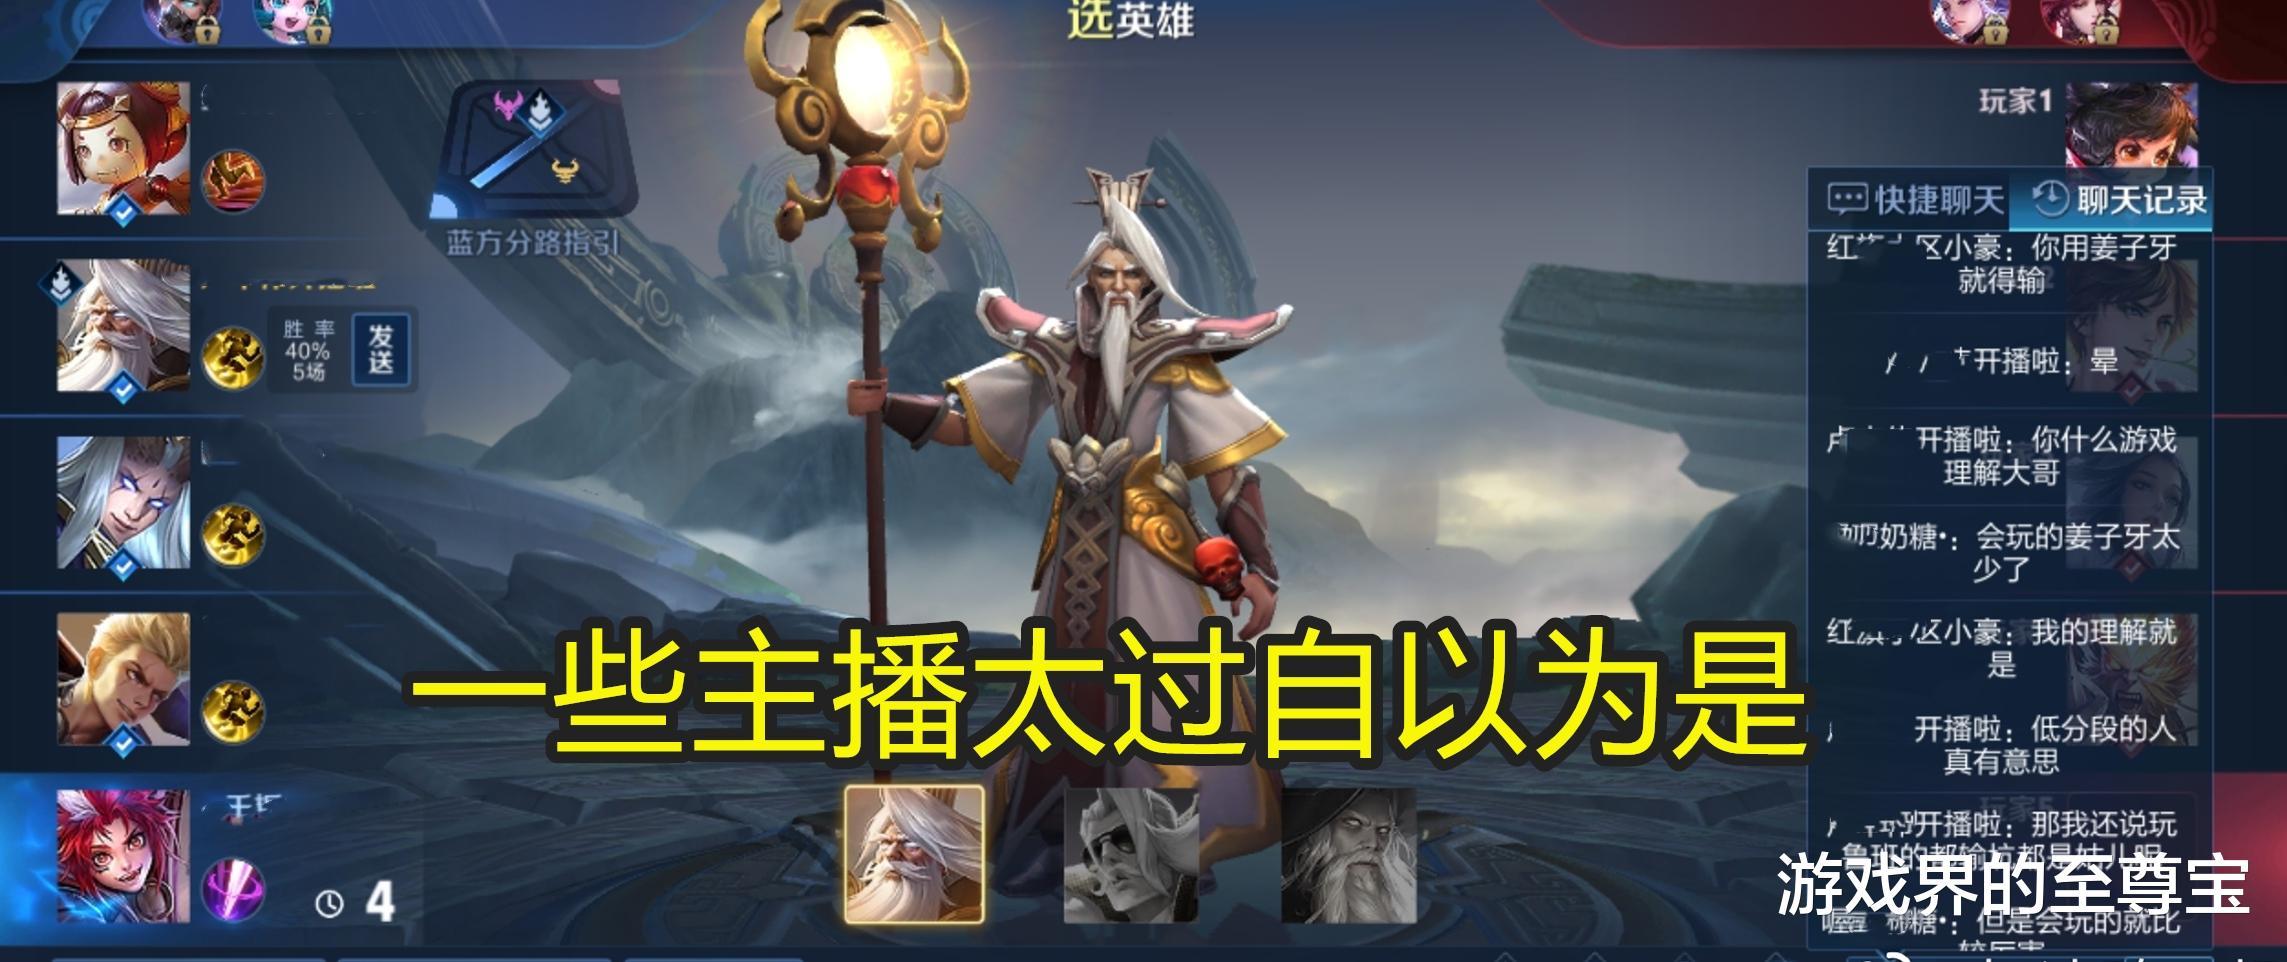 """《【煜星娱乐app登录】王者荣耀高端玩家谈体验:""""最怕遇到主播"""",原因让人心酸》"""